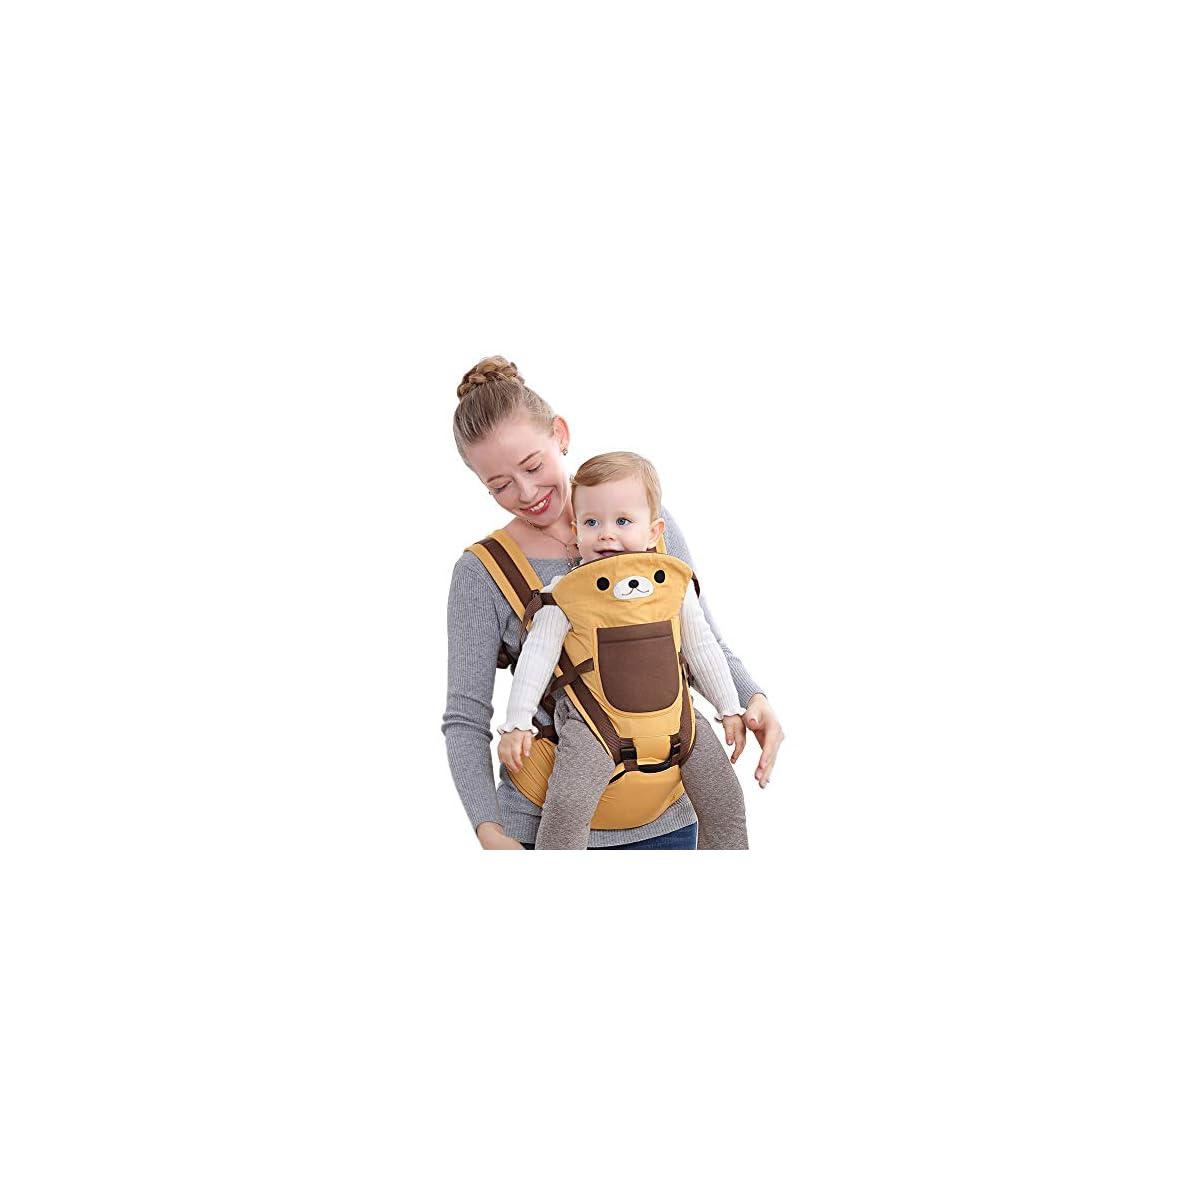 51gHNe8Np7L. SS1200  - Happy Cherry - Portabebés Ergonómicas con Asiento de Cadera Cintura Ajustable para Bebés Recien Nacido 0-36 Meses Multifuncional